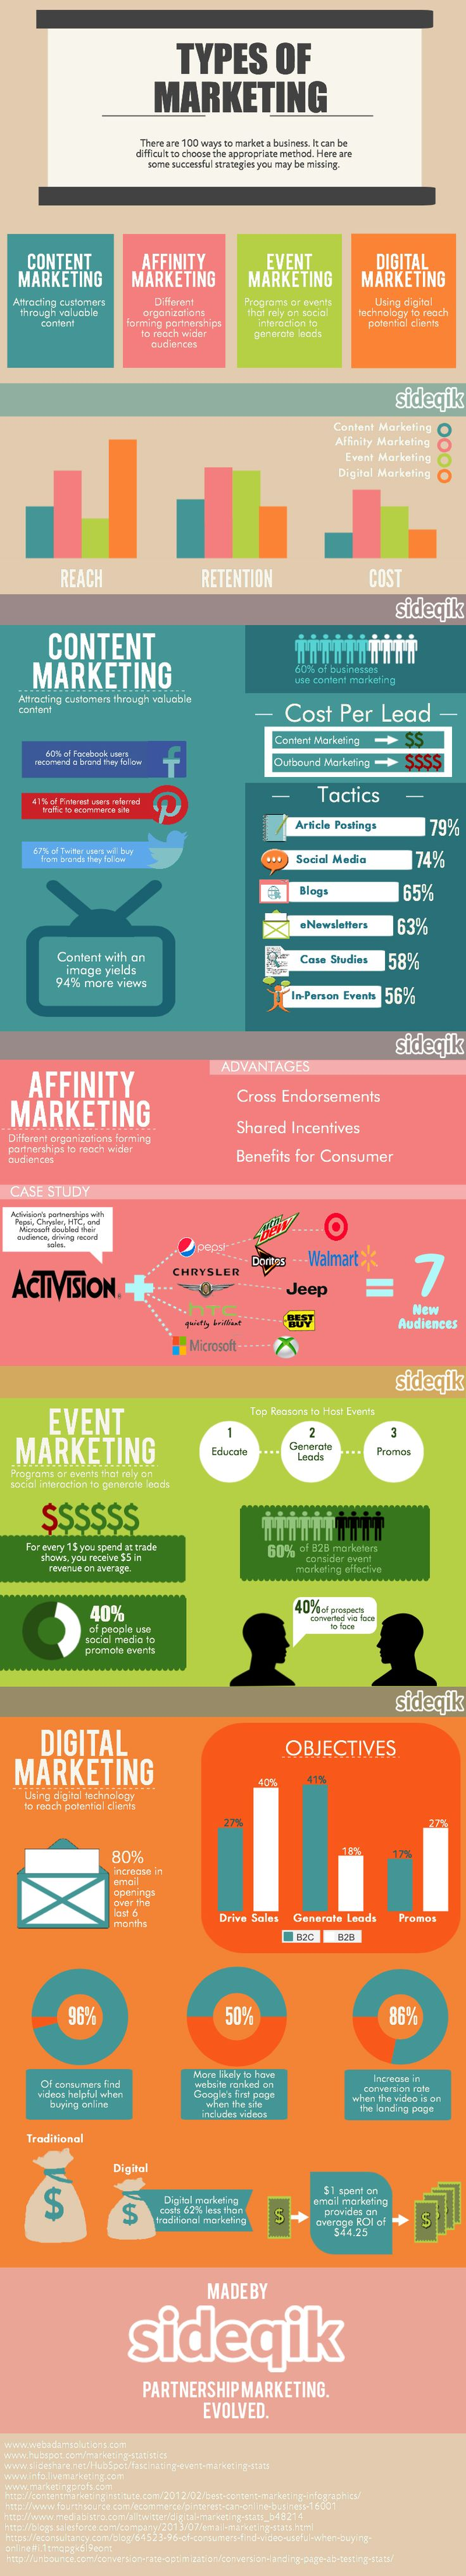 Hola: Una infografía sobre algunos tipos de marketing de éxito. Vía Un saludo  Make Easy Money Online - Simple strategy | Free ebook on http://bazovorg.com/index.html